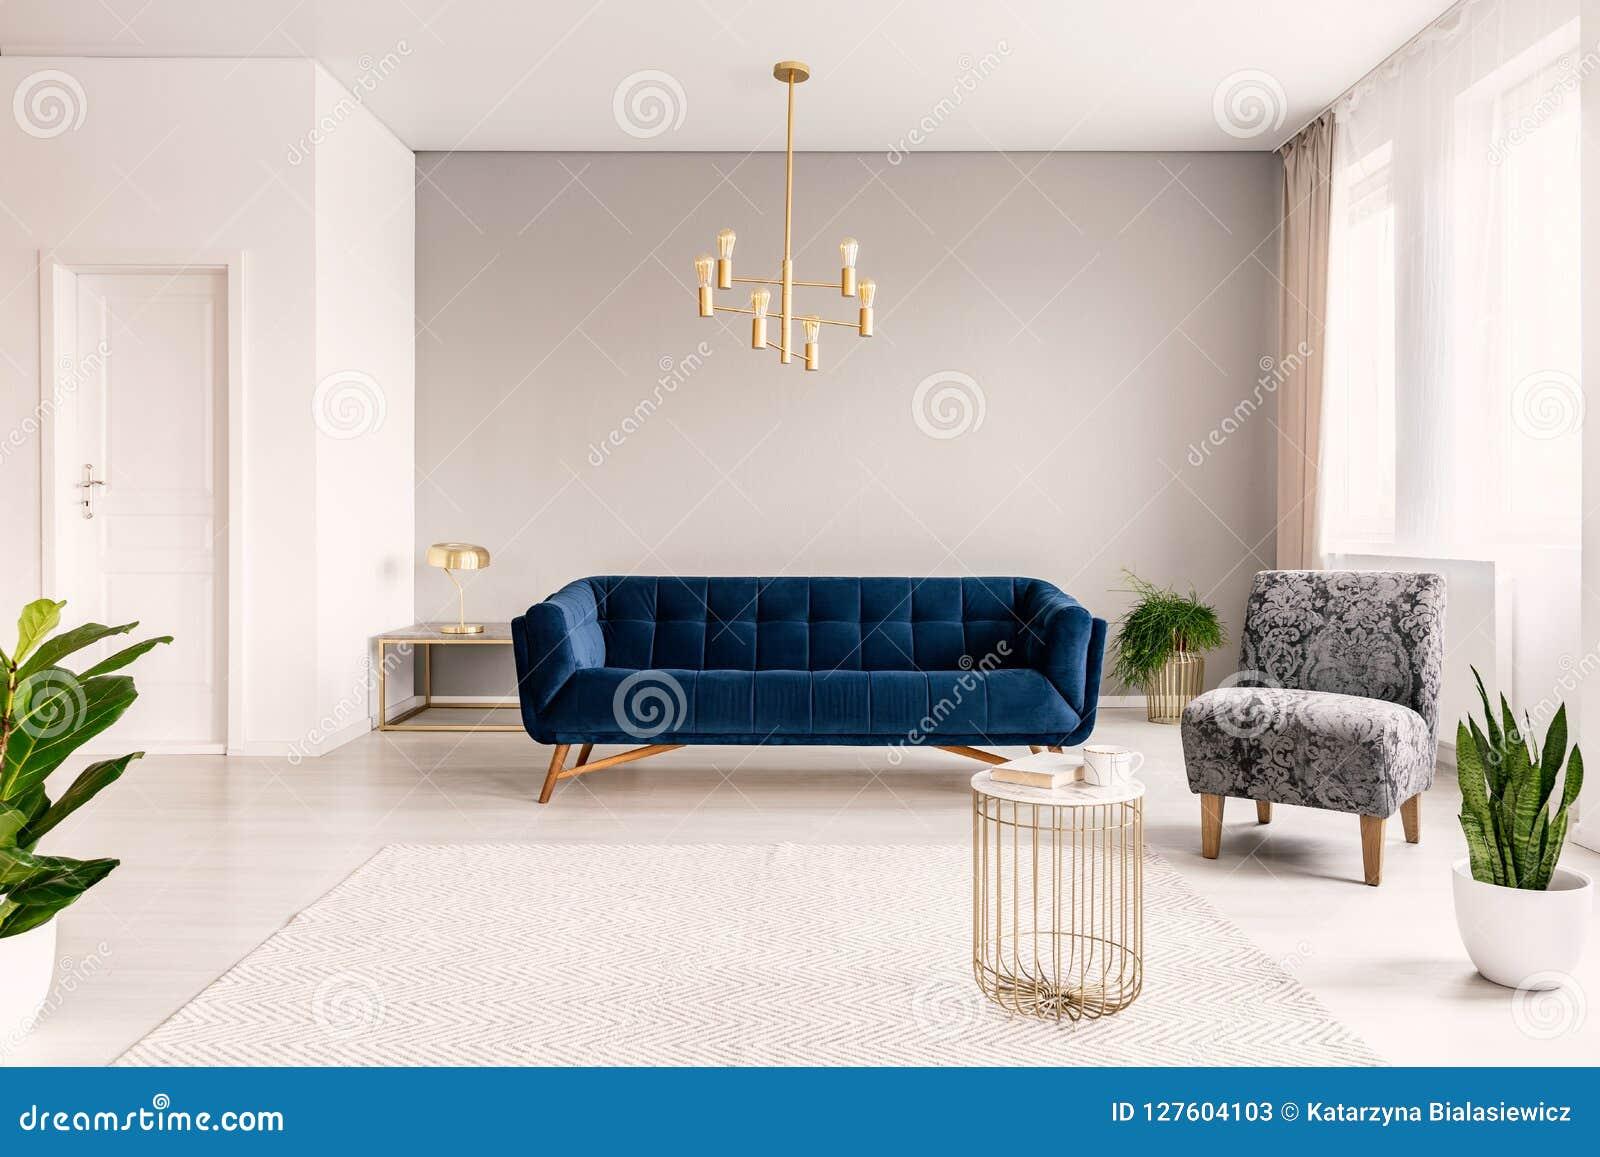 Скопируйте интерьер живущей комнаты космоса с синим креслом, серым креслом и акцентами золота Реальное фото